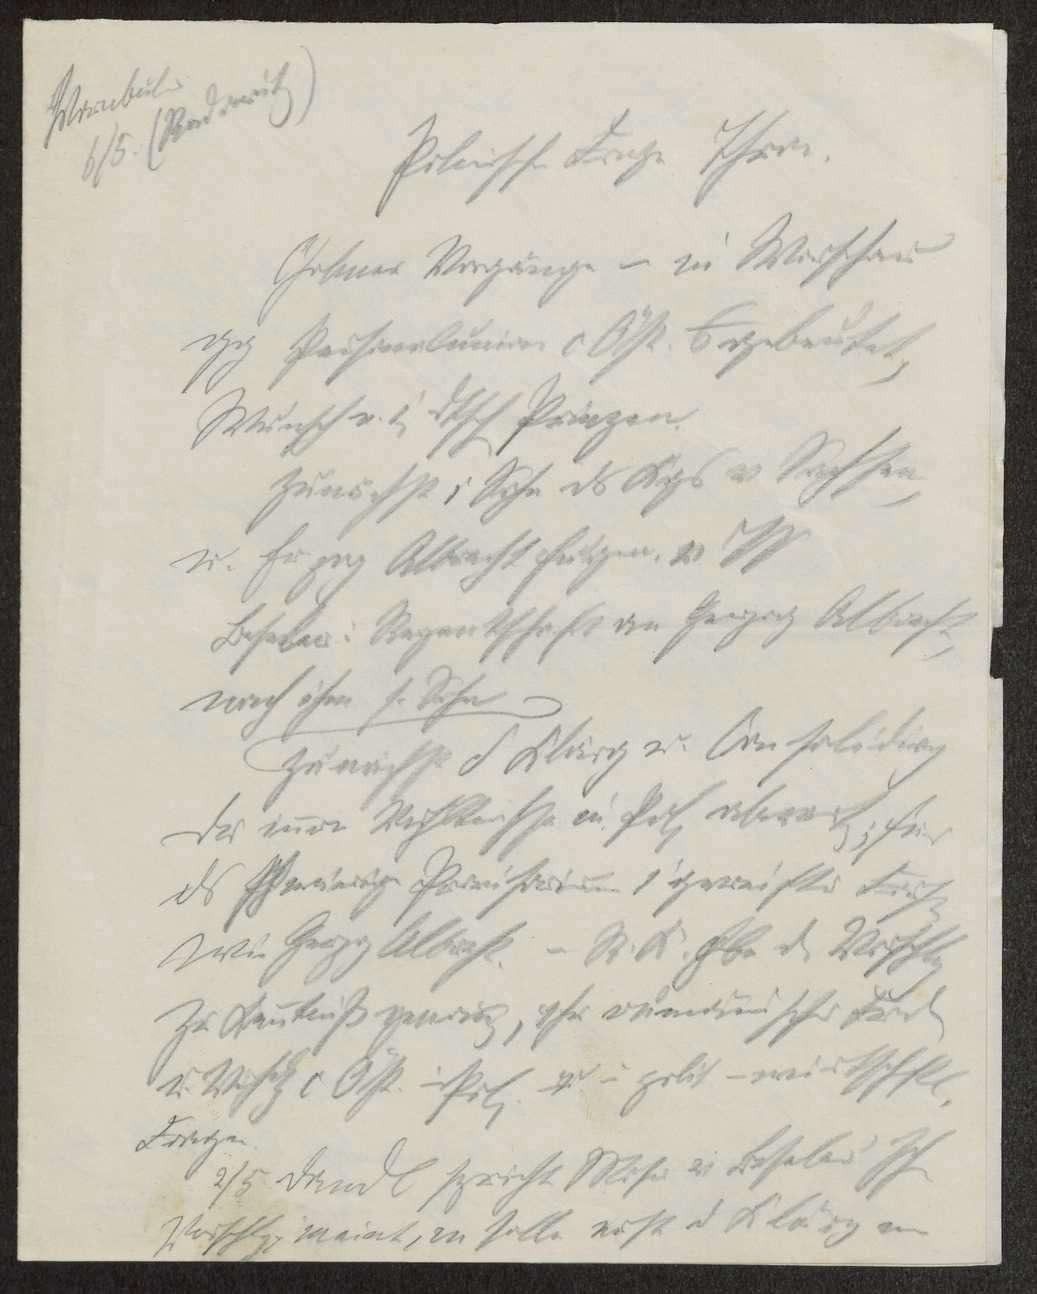 Schreiben von Herzog Albrecht und Herzog Philipp von Württemberg und Notizen betr. Familienangelegenheiten des herzoglichen Hauses, Bild 3